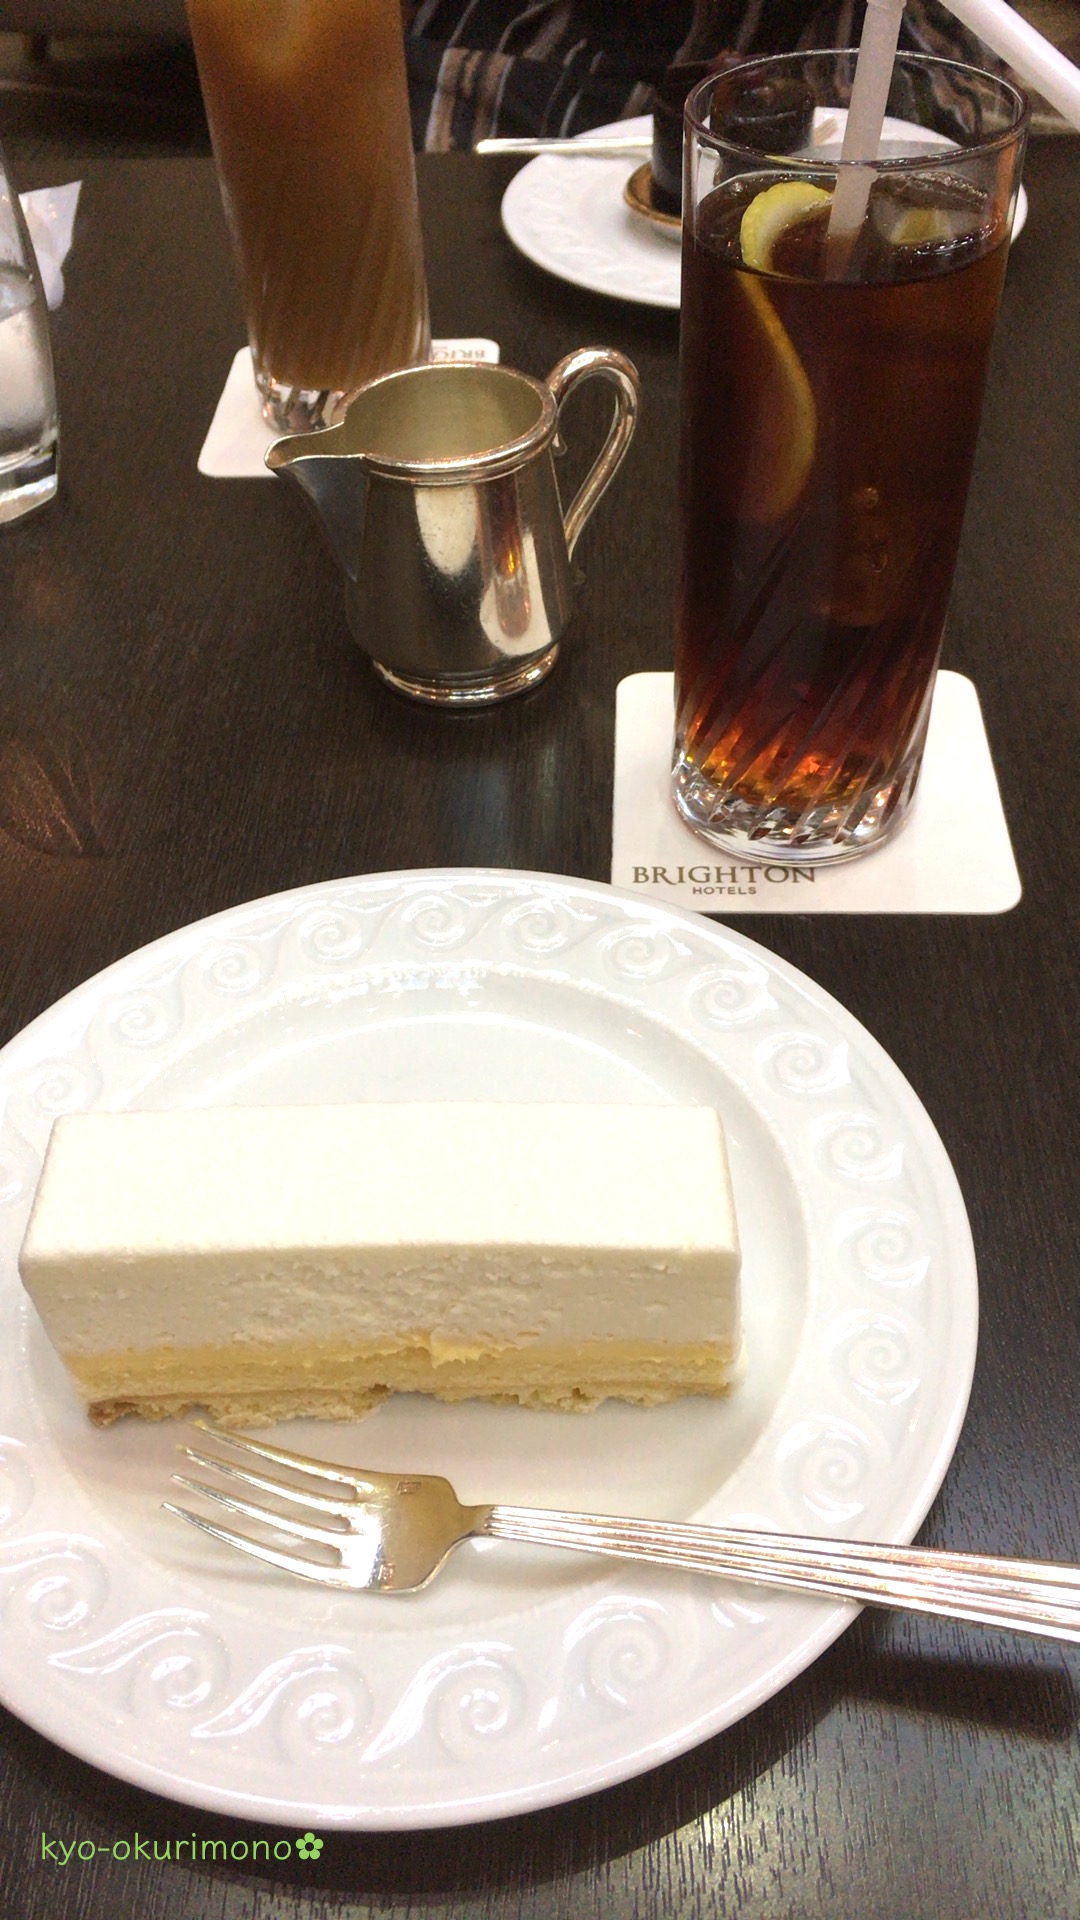 京都ブライトンホテルのケーキ